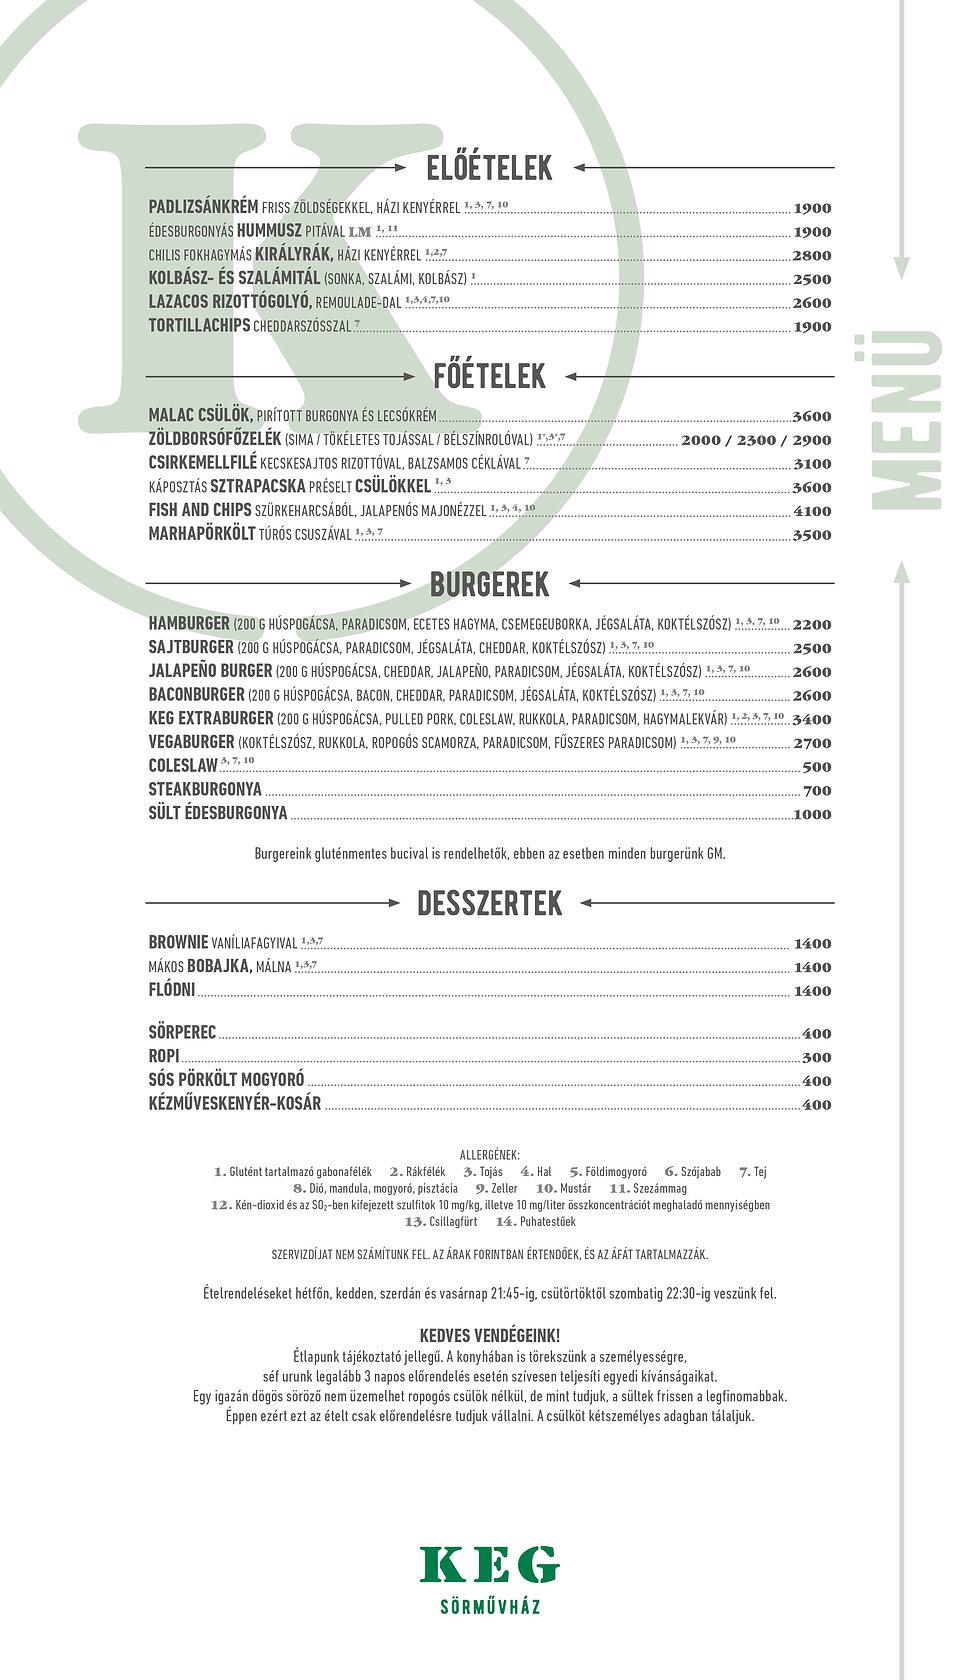 keg_sormuvhaz_menu_itallap_2020_09.jpg